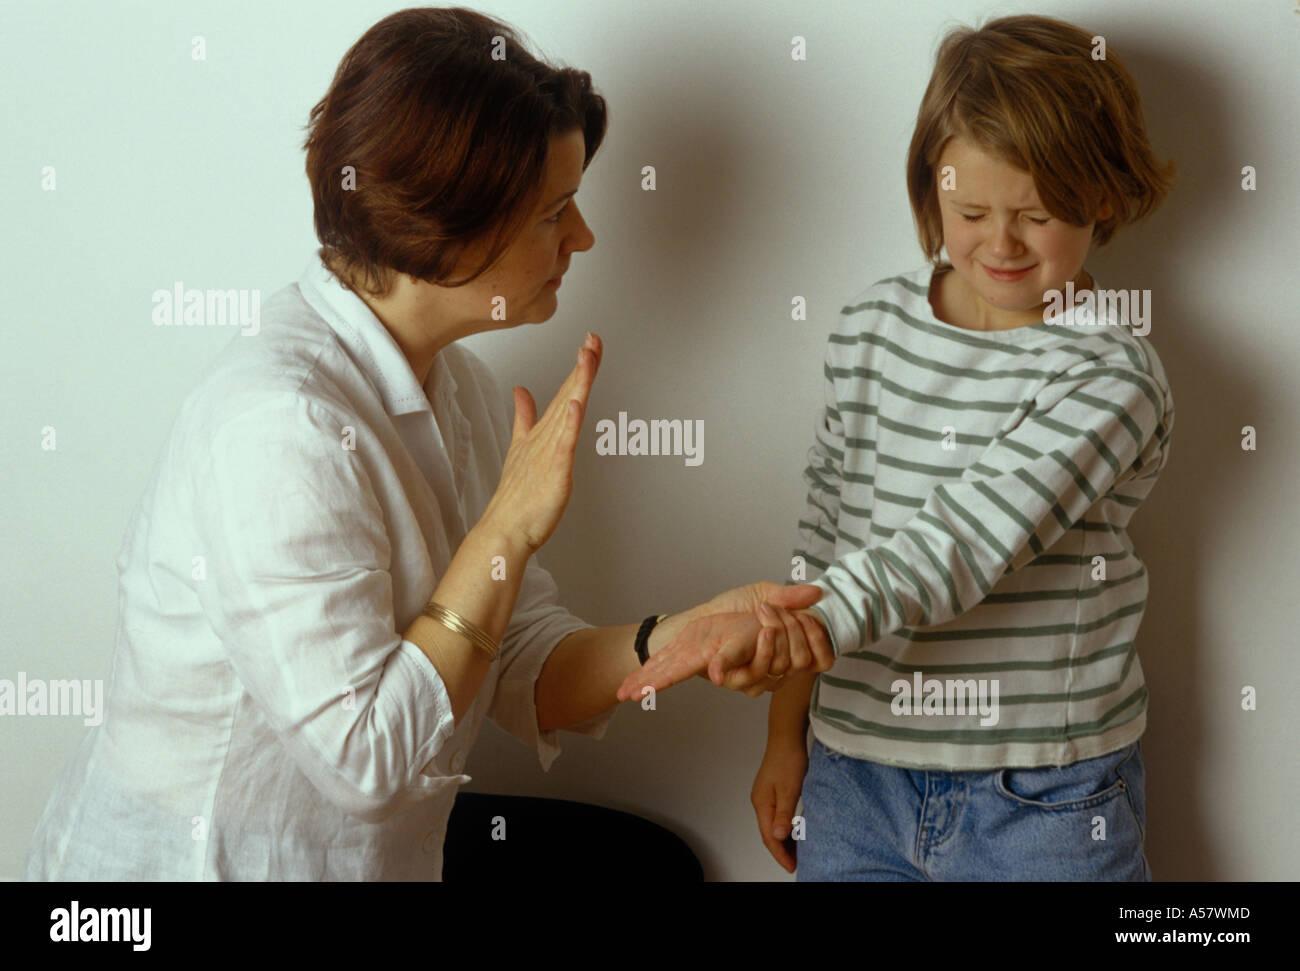 Смотреть мама и папа бьют дочку ремнем, Мама отшлепала дочку по юной попке 13 фотография